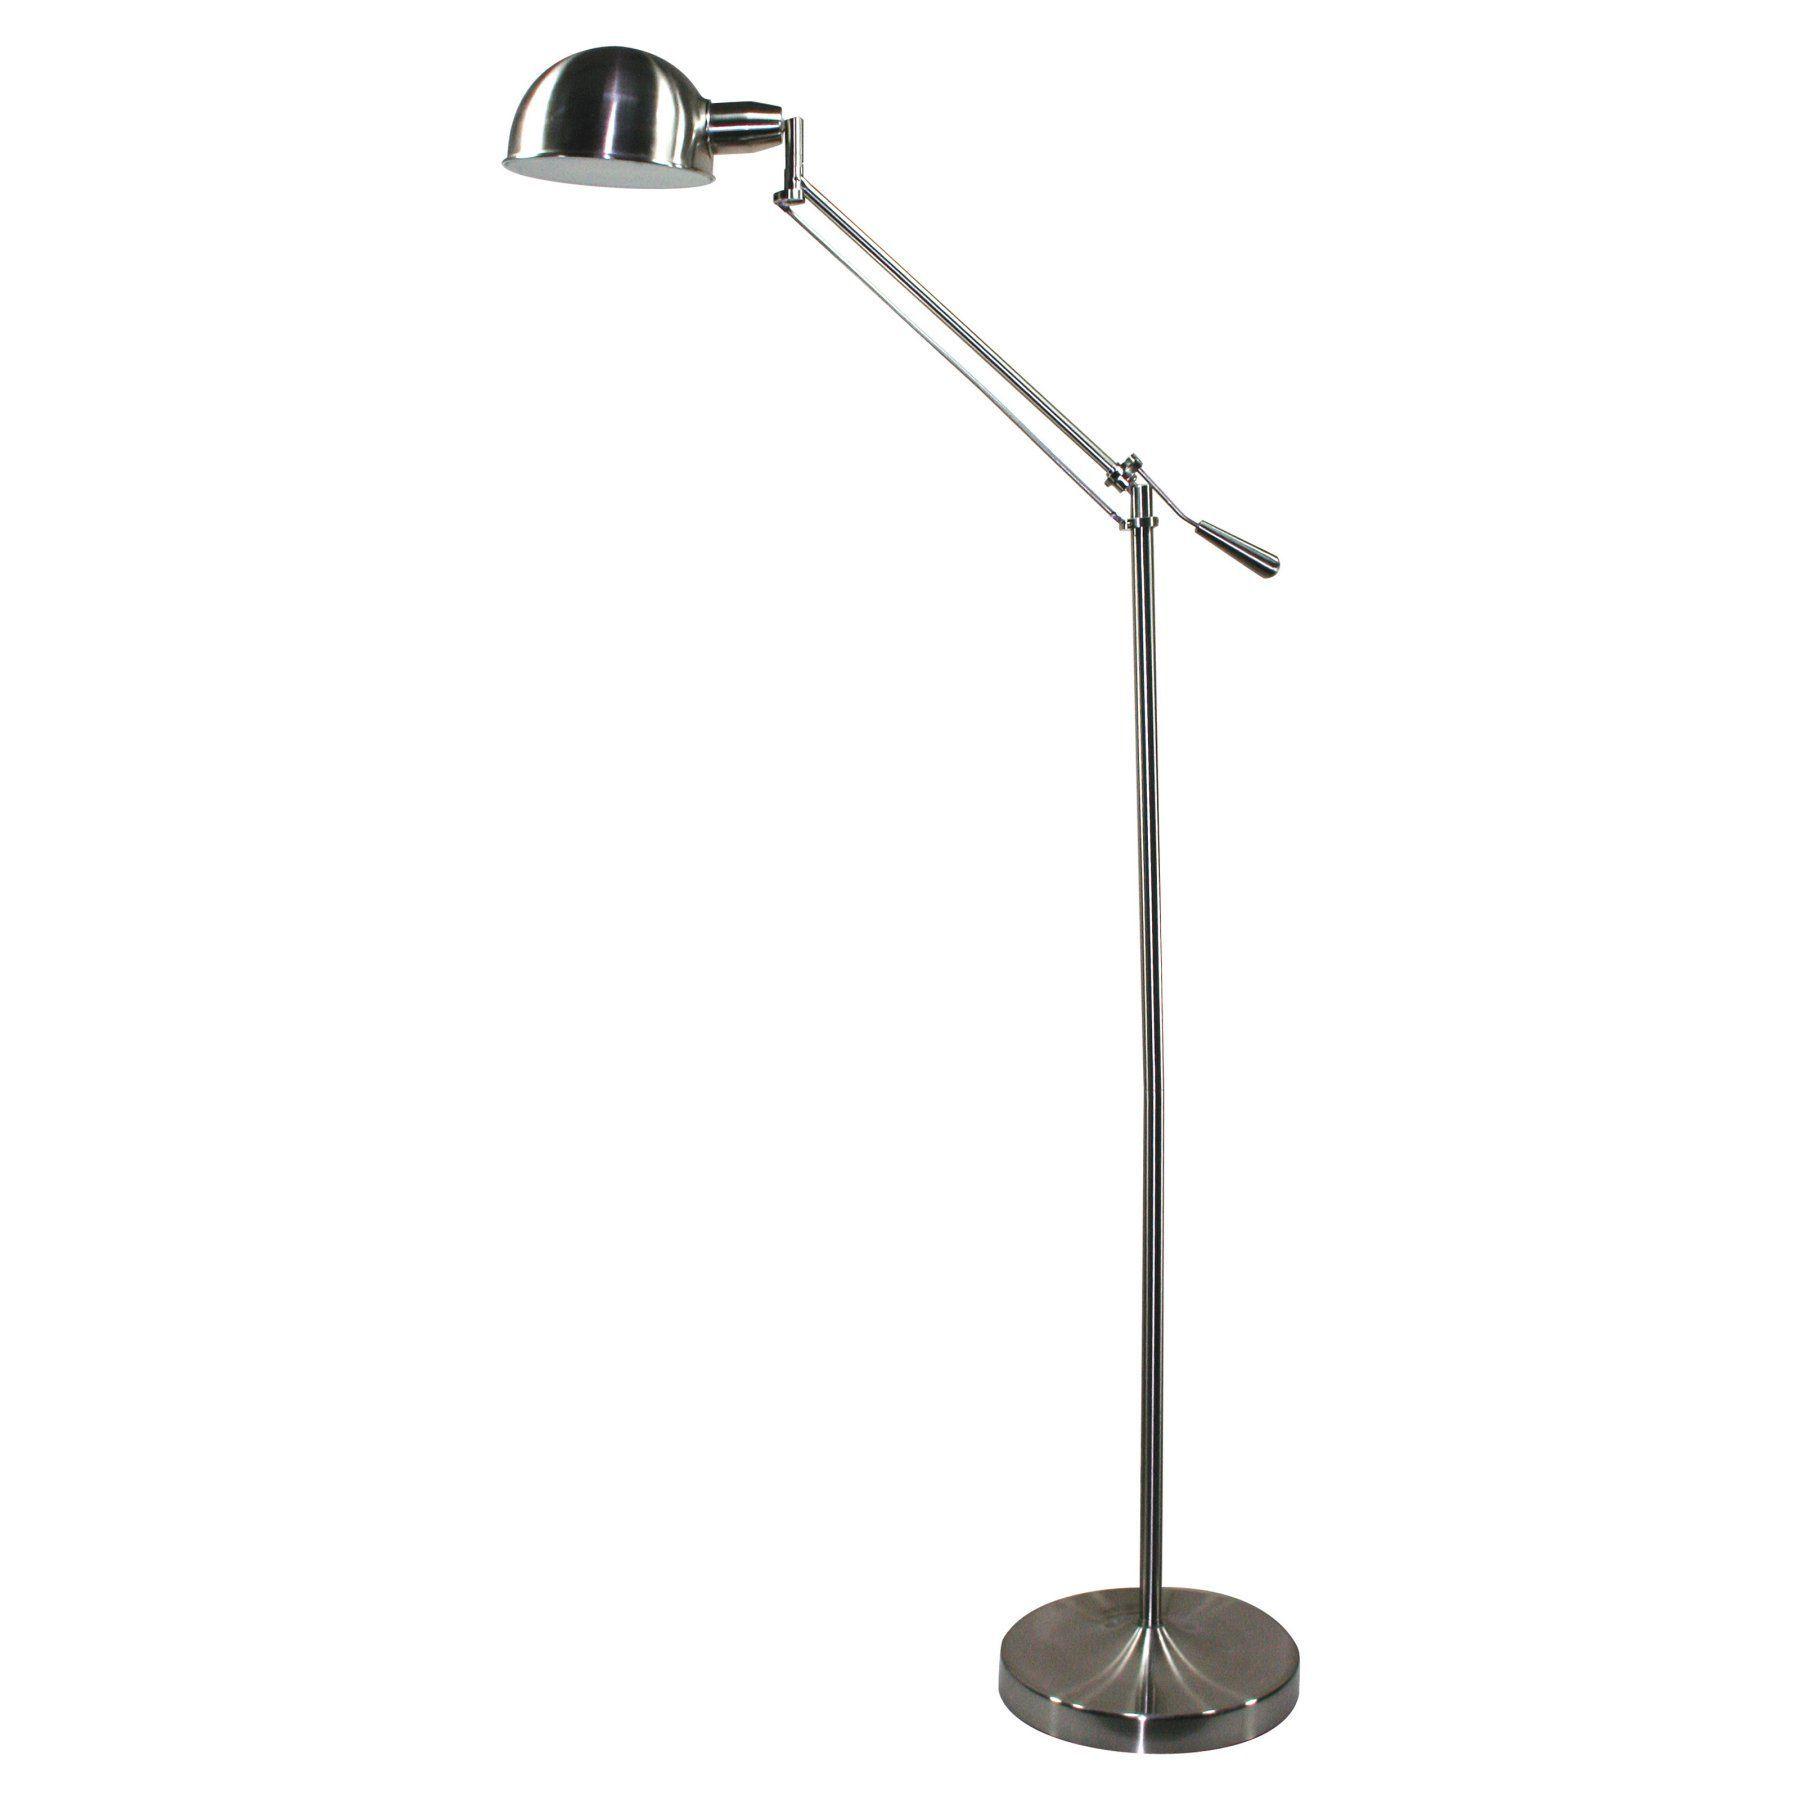 Verilux Brookfield Deluxe Natural Spectrum Floor Lamp